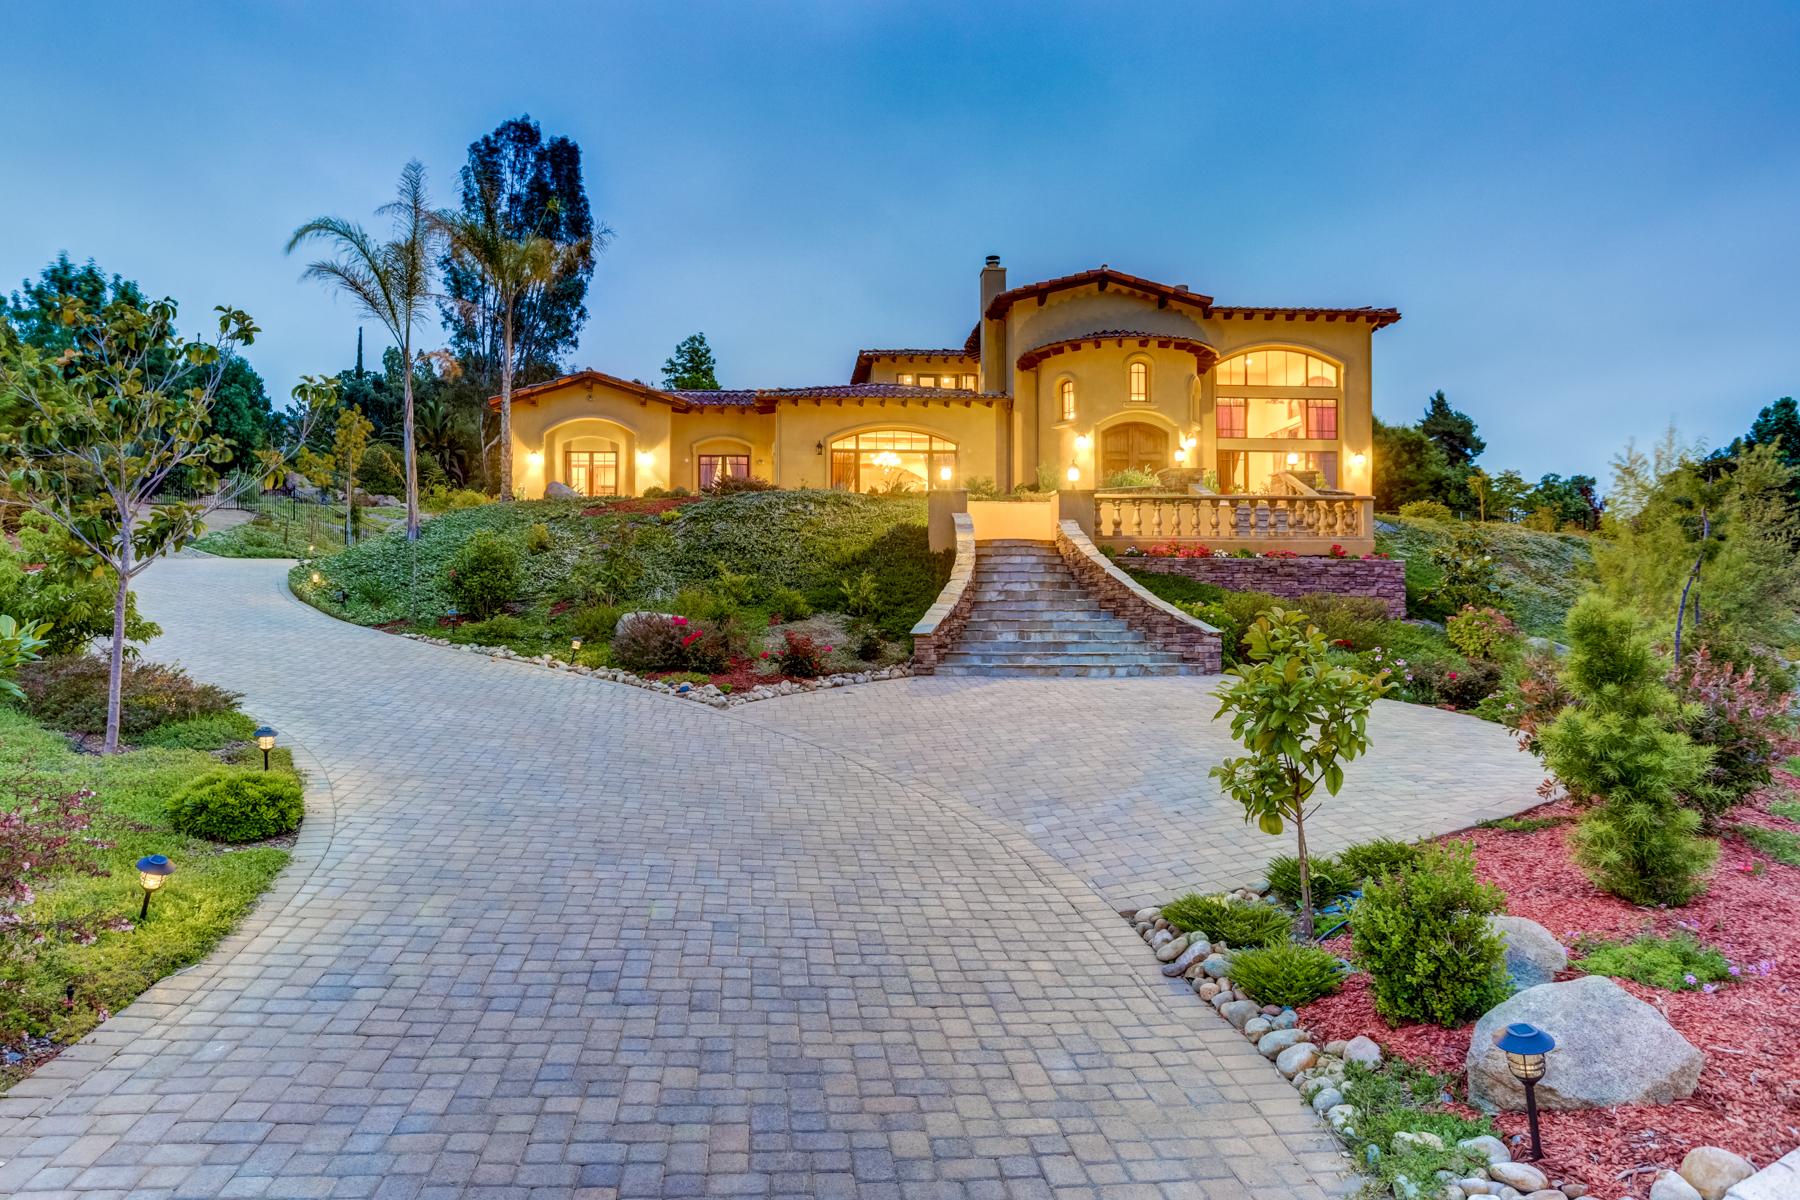 Villa per Vendita alle ore 12992 Polvera Court San Diego, California, 92128 Stati Uniti